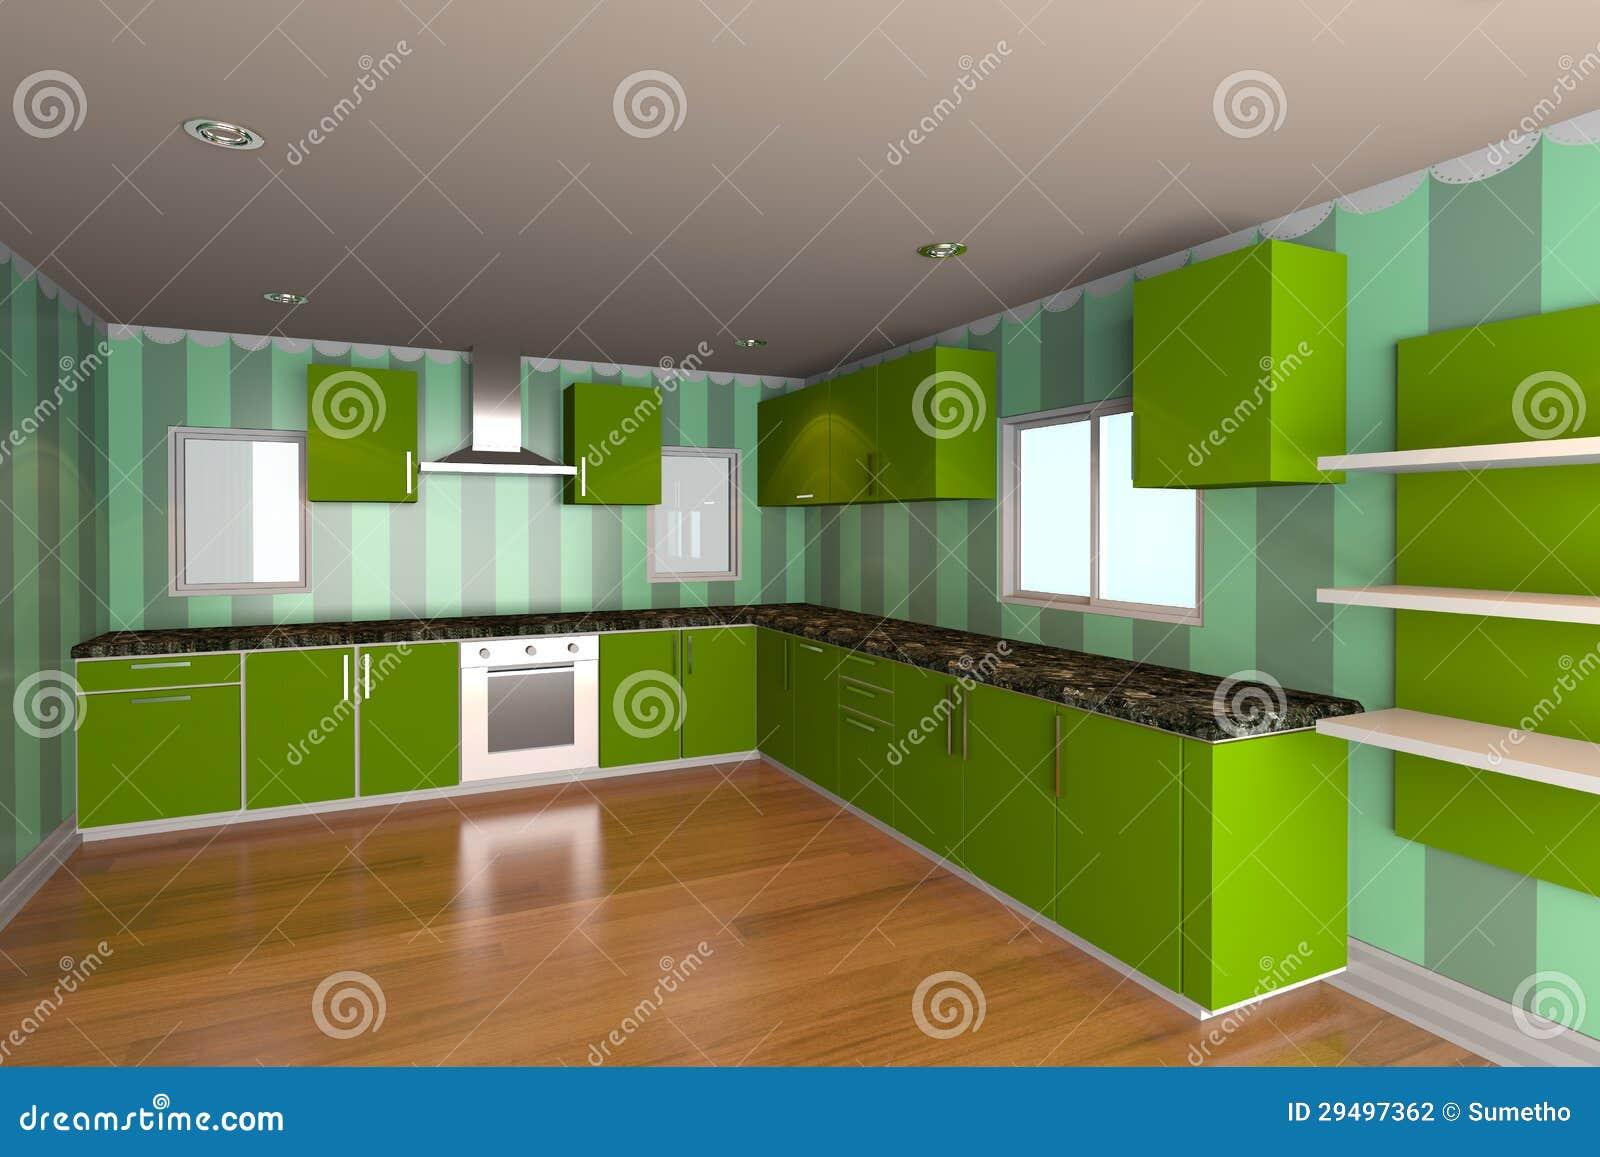 De ruimte van de keuken met groen behang stock illustratie